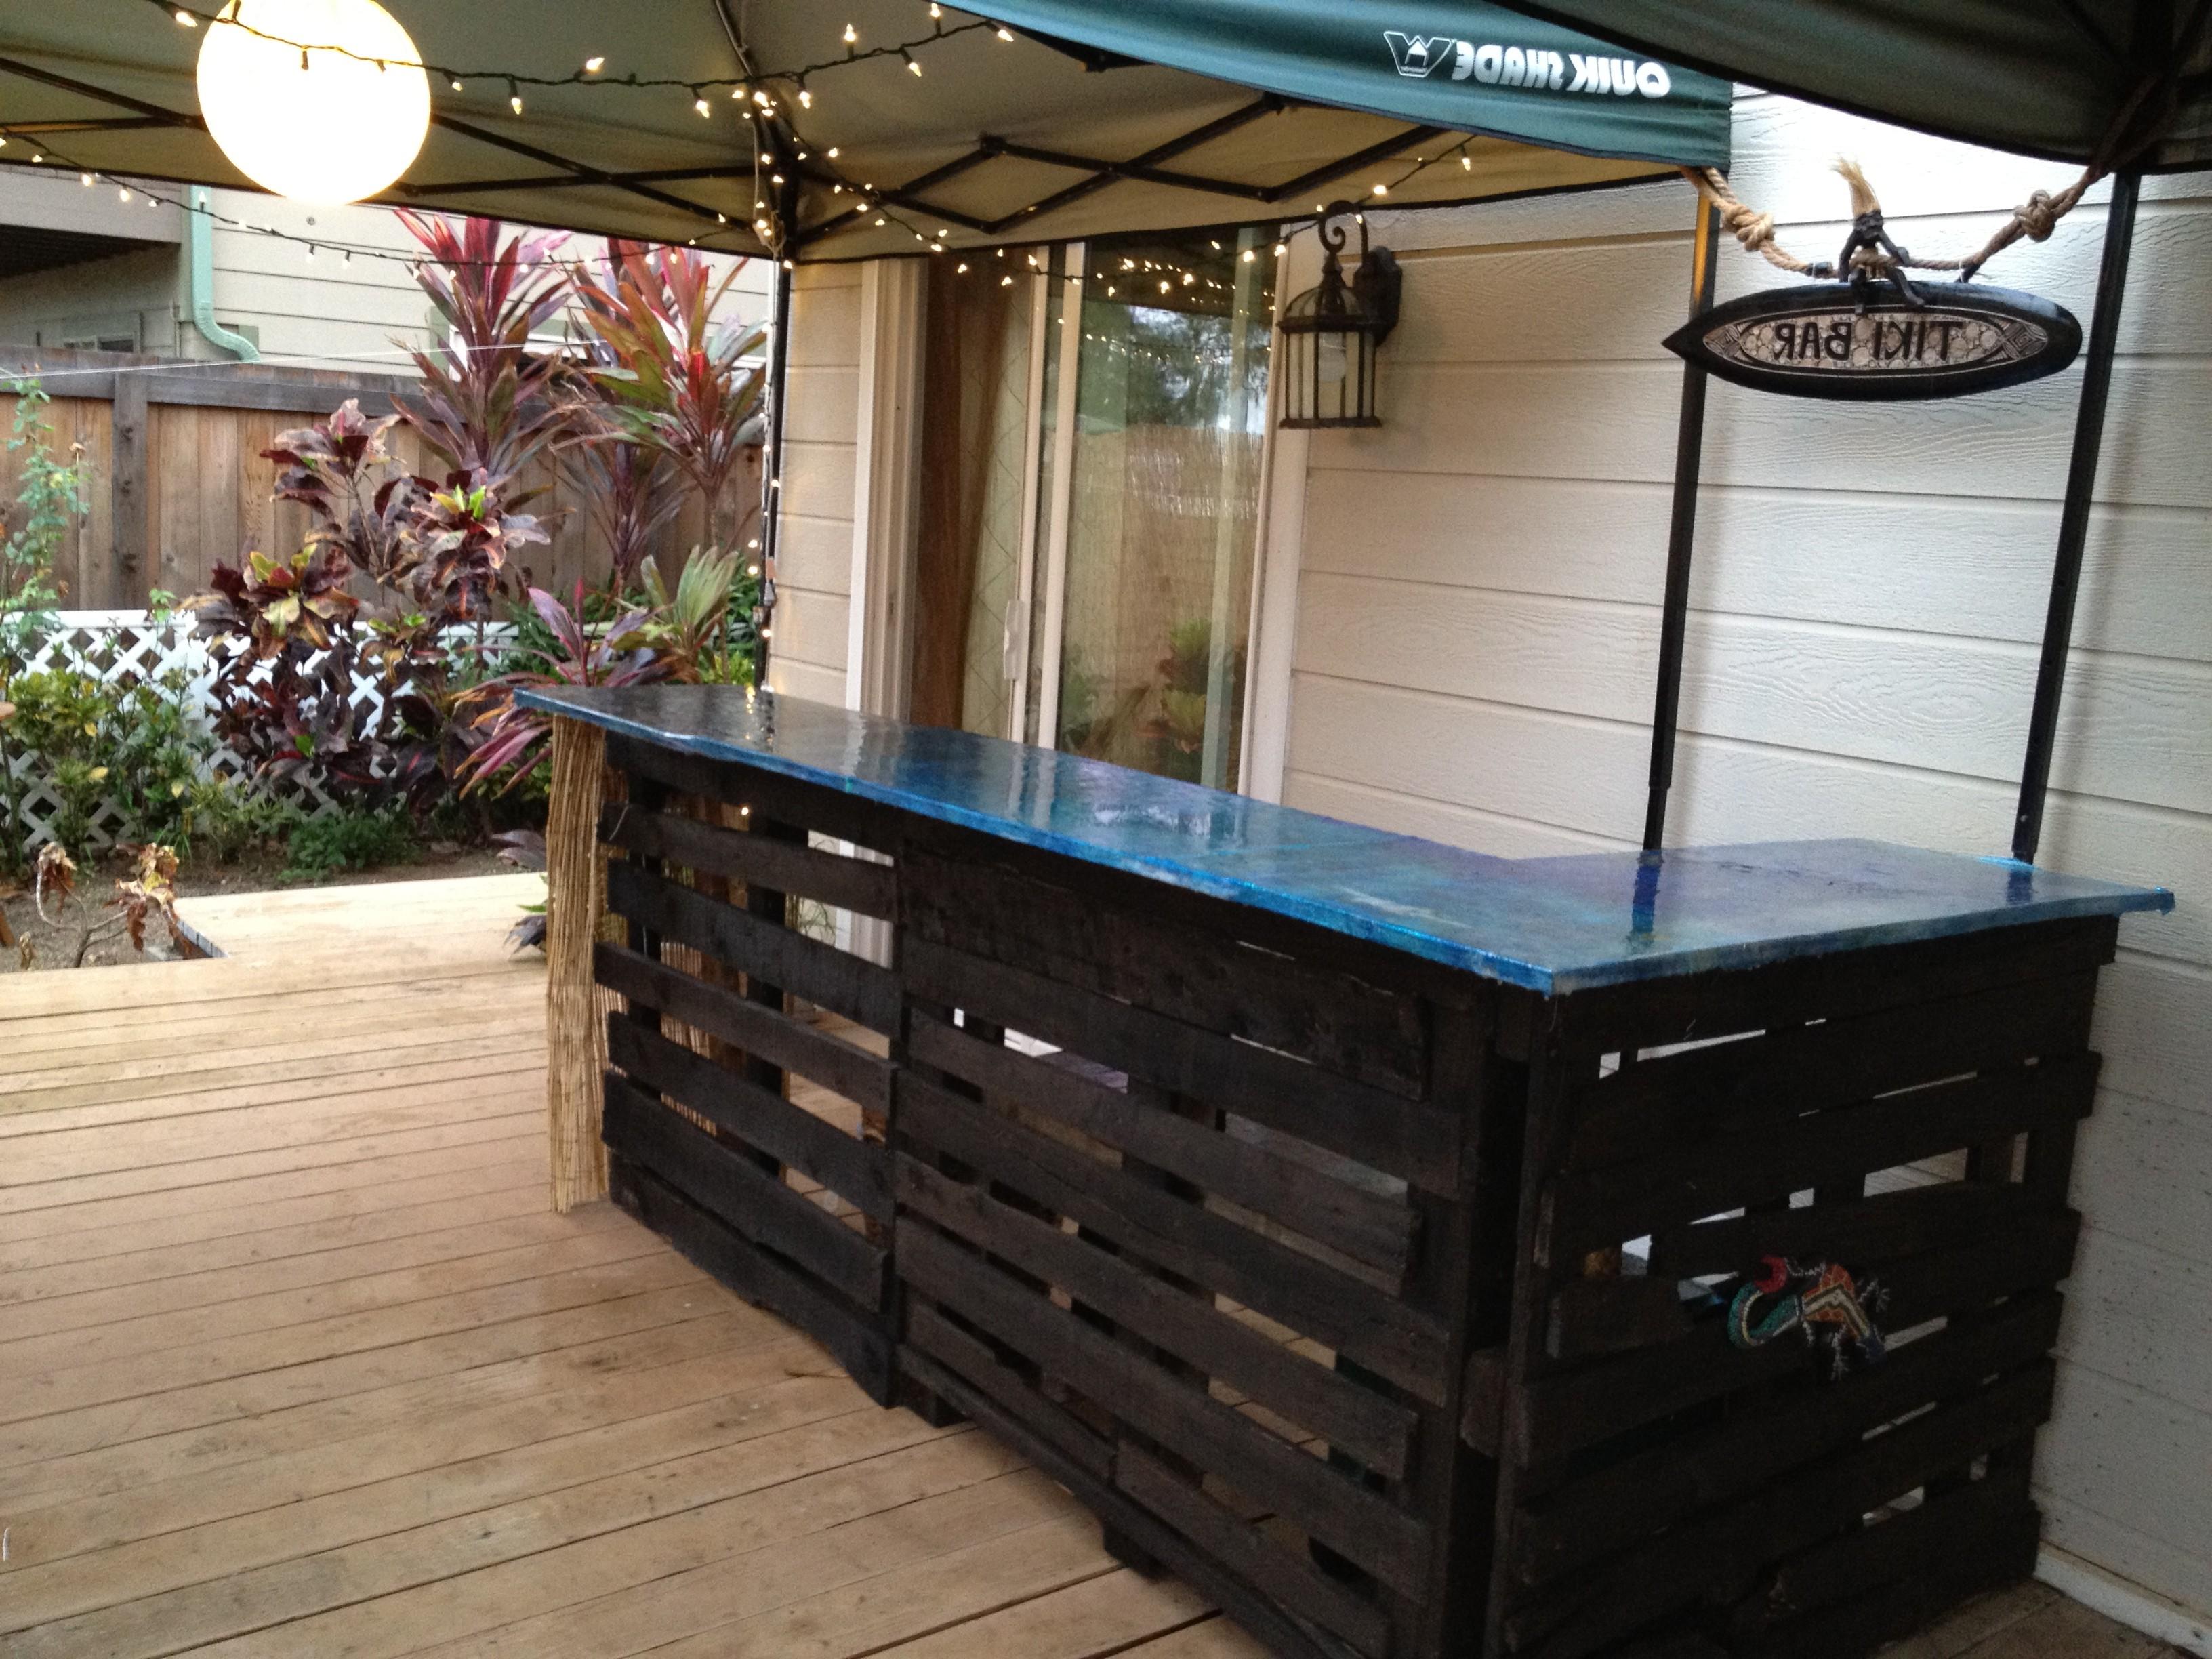 Palletbar om zelf te maken, maak een gratis bar van sloophout.